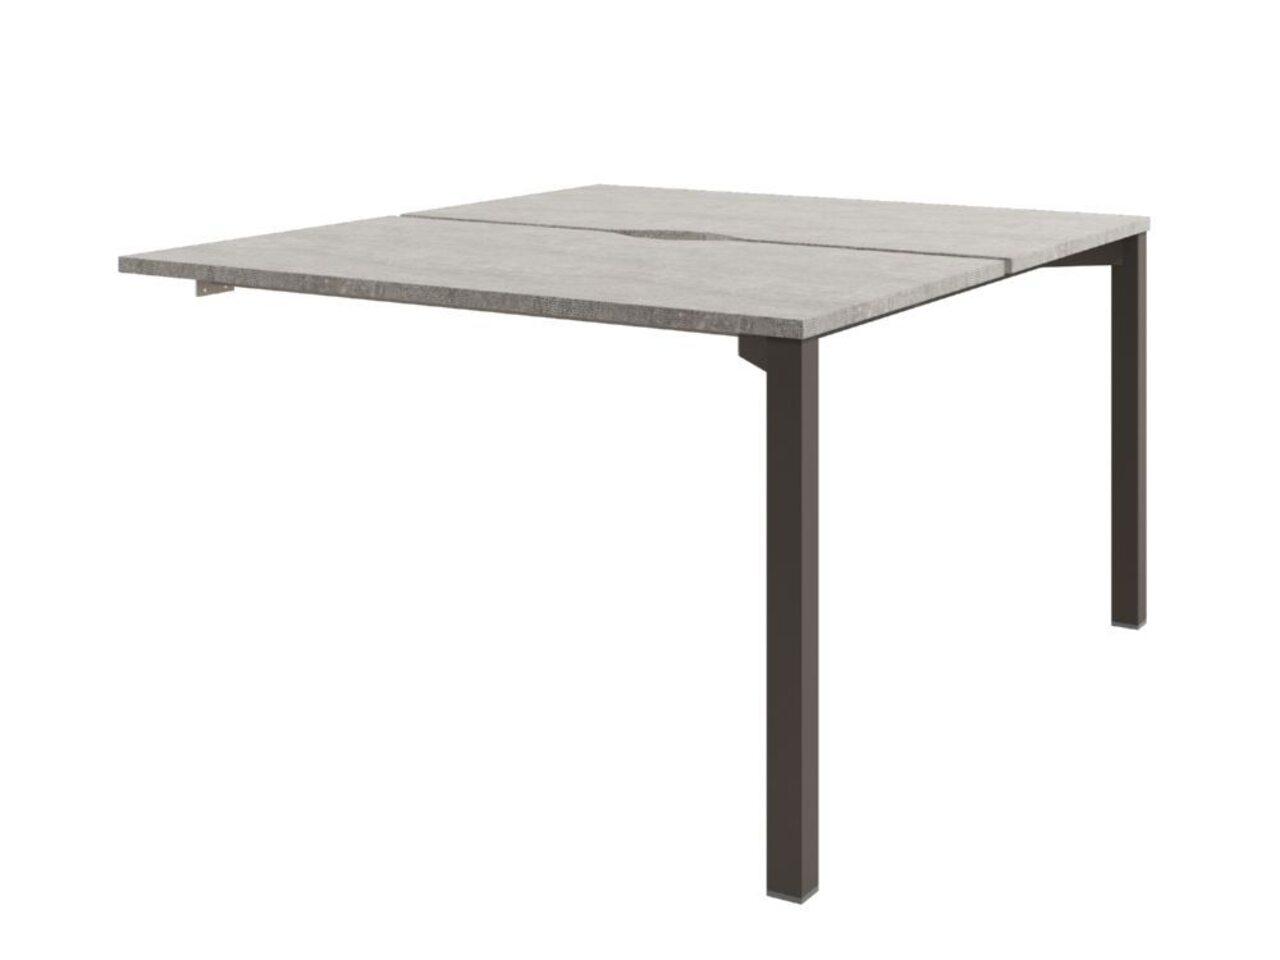 Бенч-система столов-тандемов  Solution 120x143x75 - фото 3